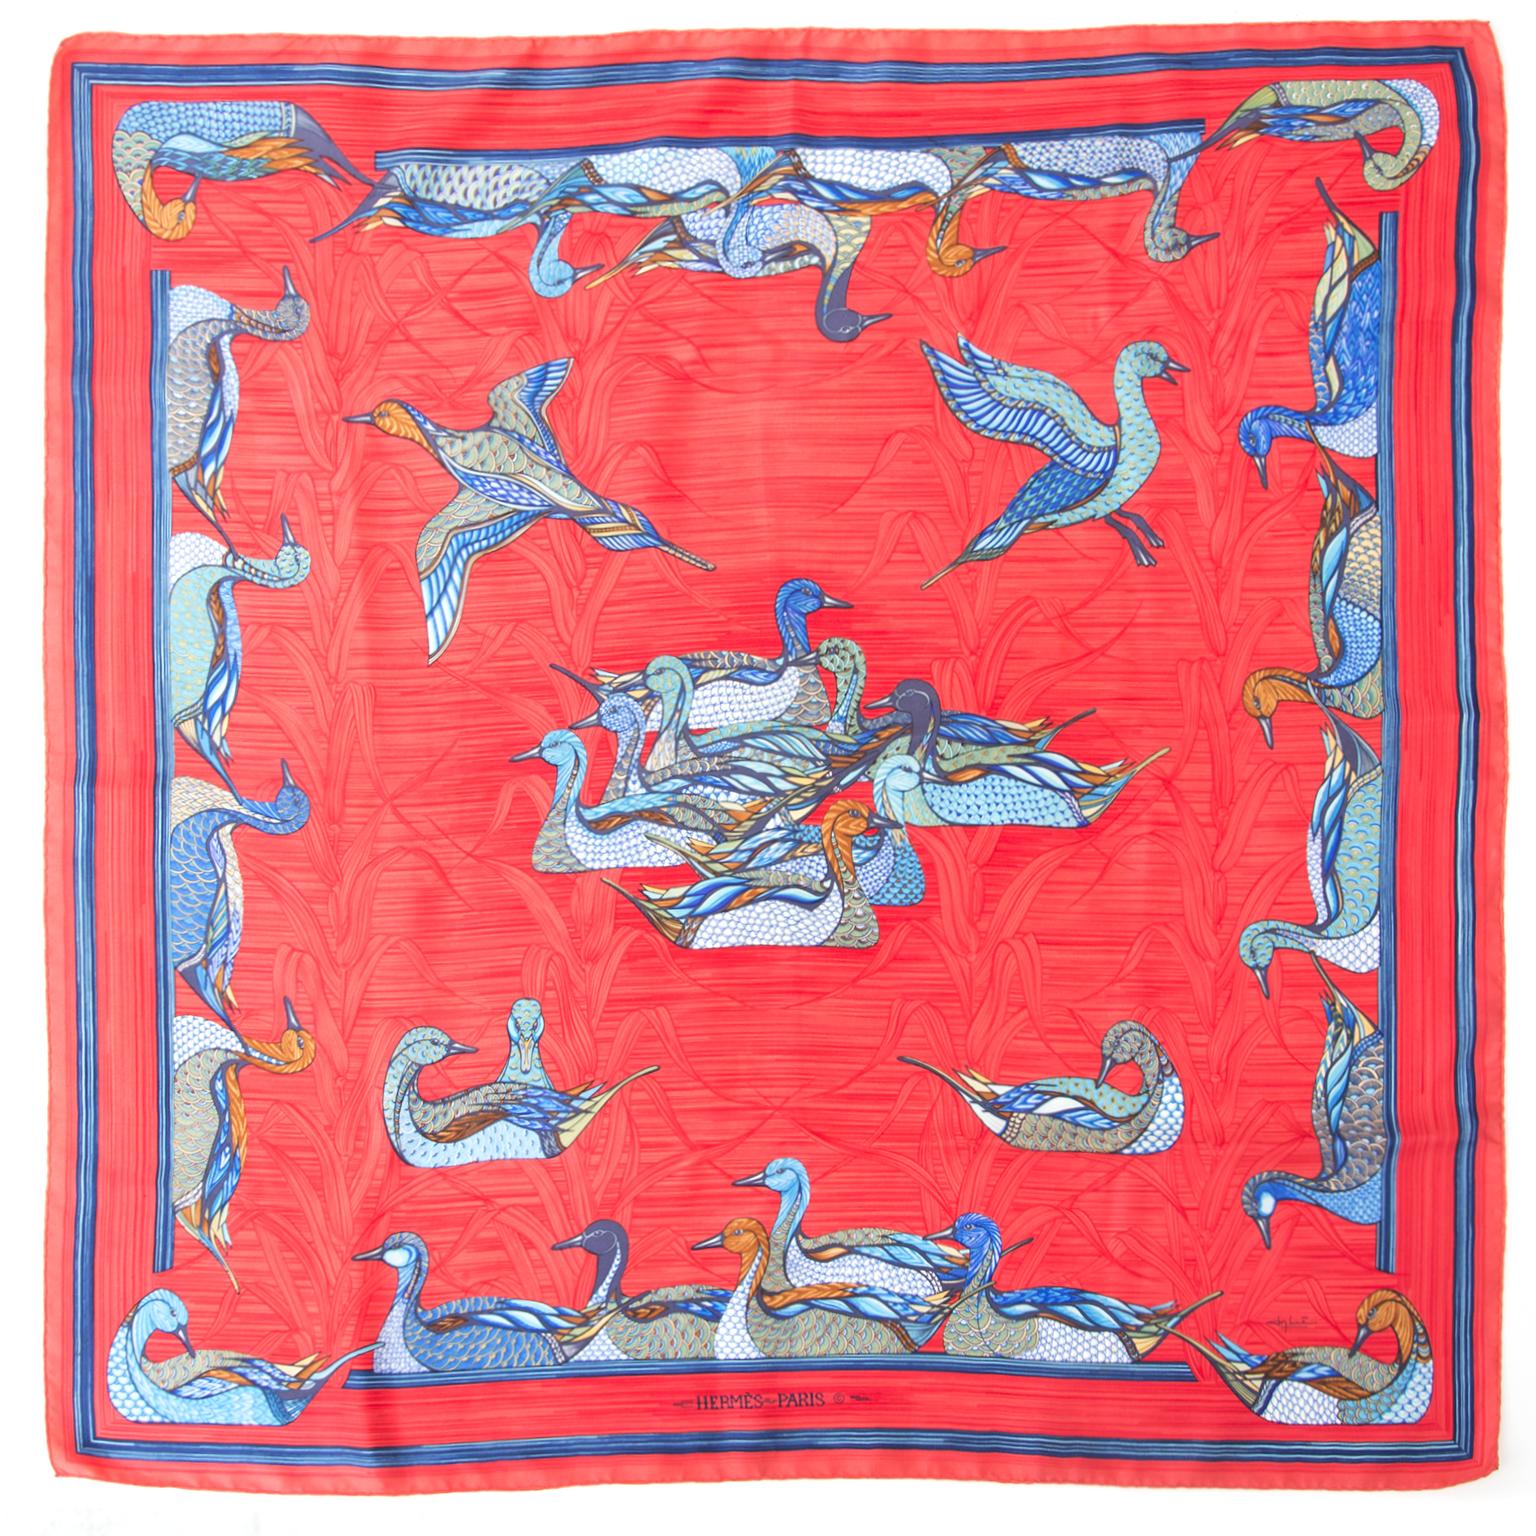 Acheter Hermès foulard en ligne au LabelLOV. De façon sécurisée. Vintage, mode. Anvers, Belgique.